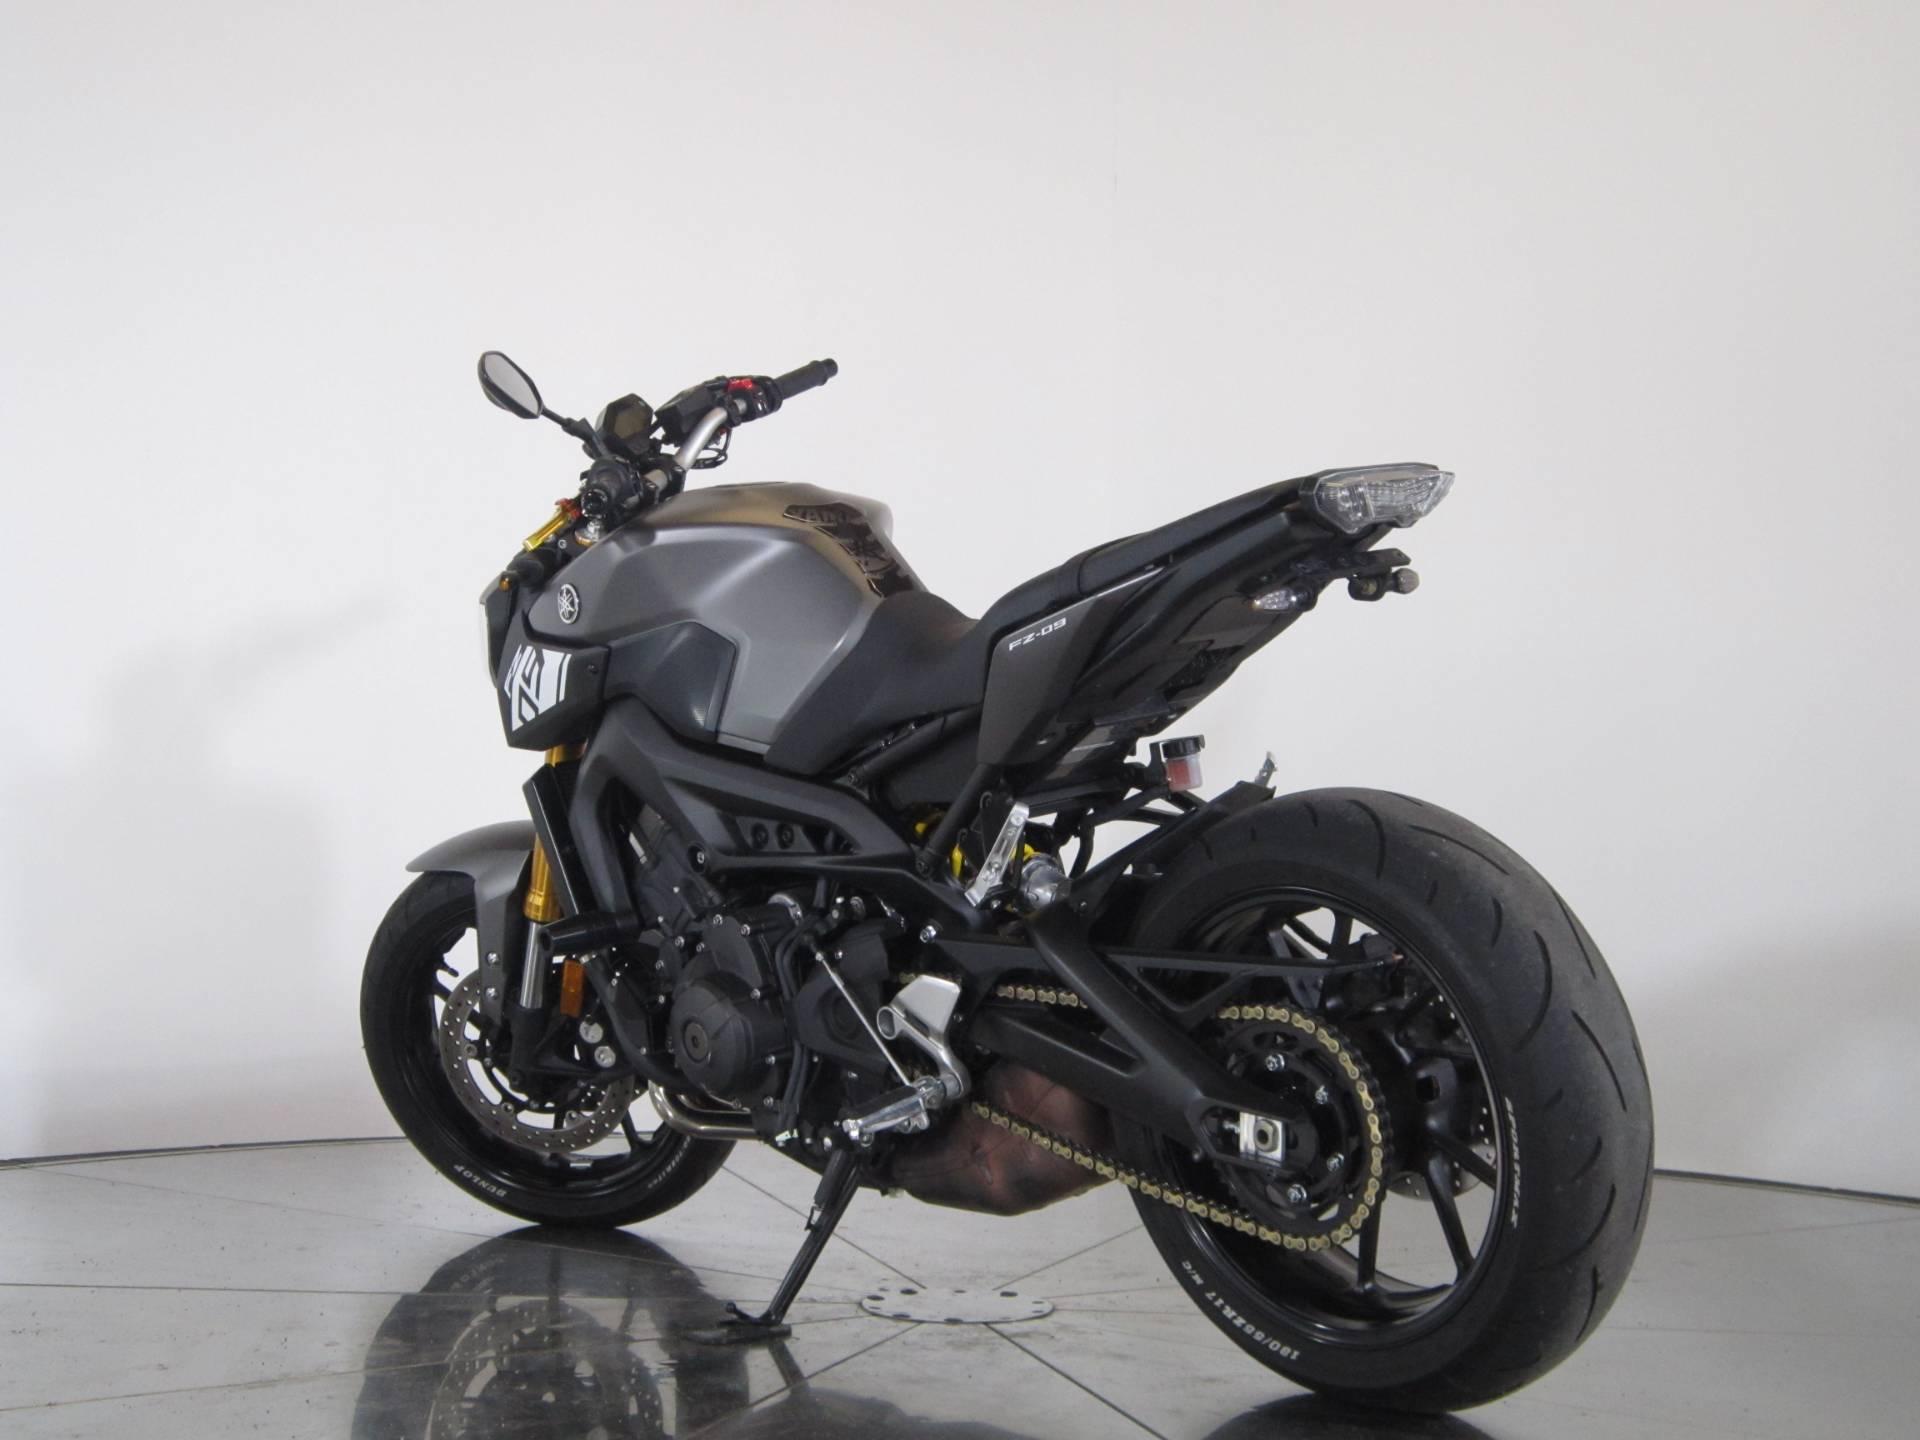 2015 Yamaha FZ-09 6